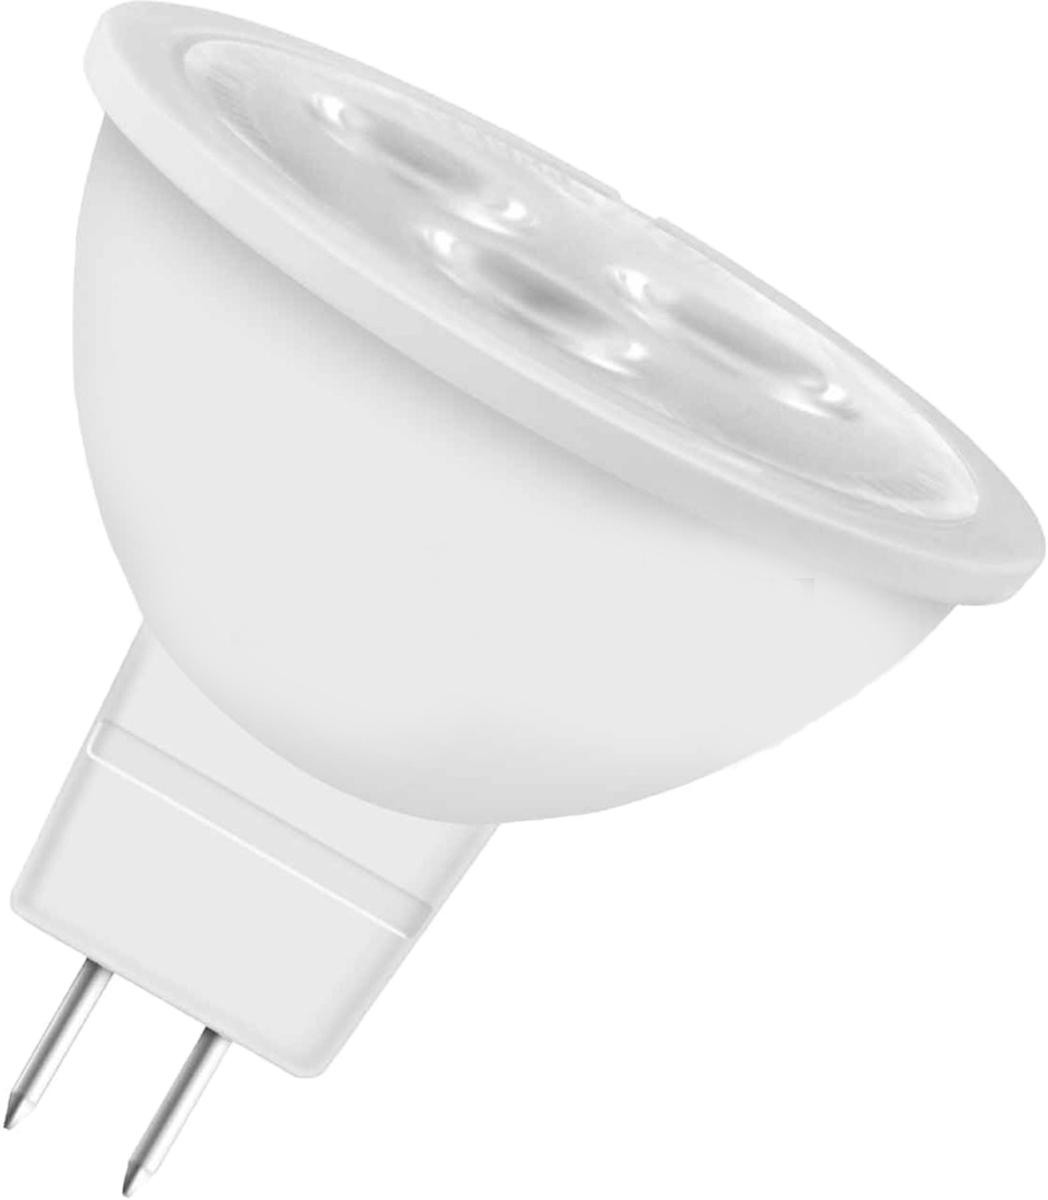 Лампа светодиодная Osram Star MR16 20 3.8W/850 220-240V GU5.3 4052899237513 потолочные светодиодные светильники 220 вольт